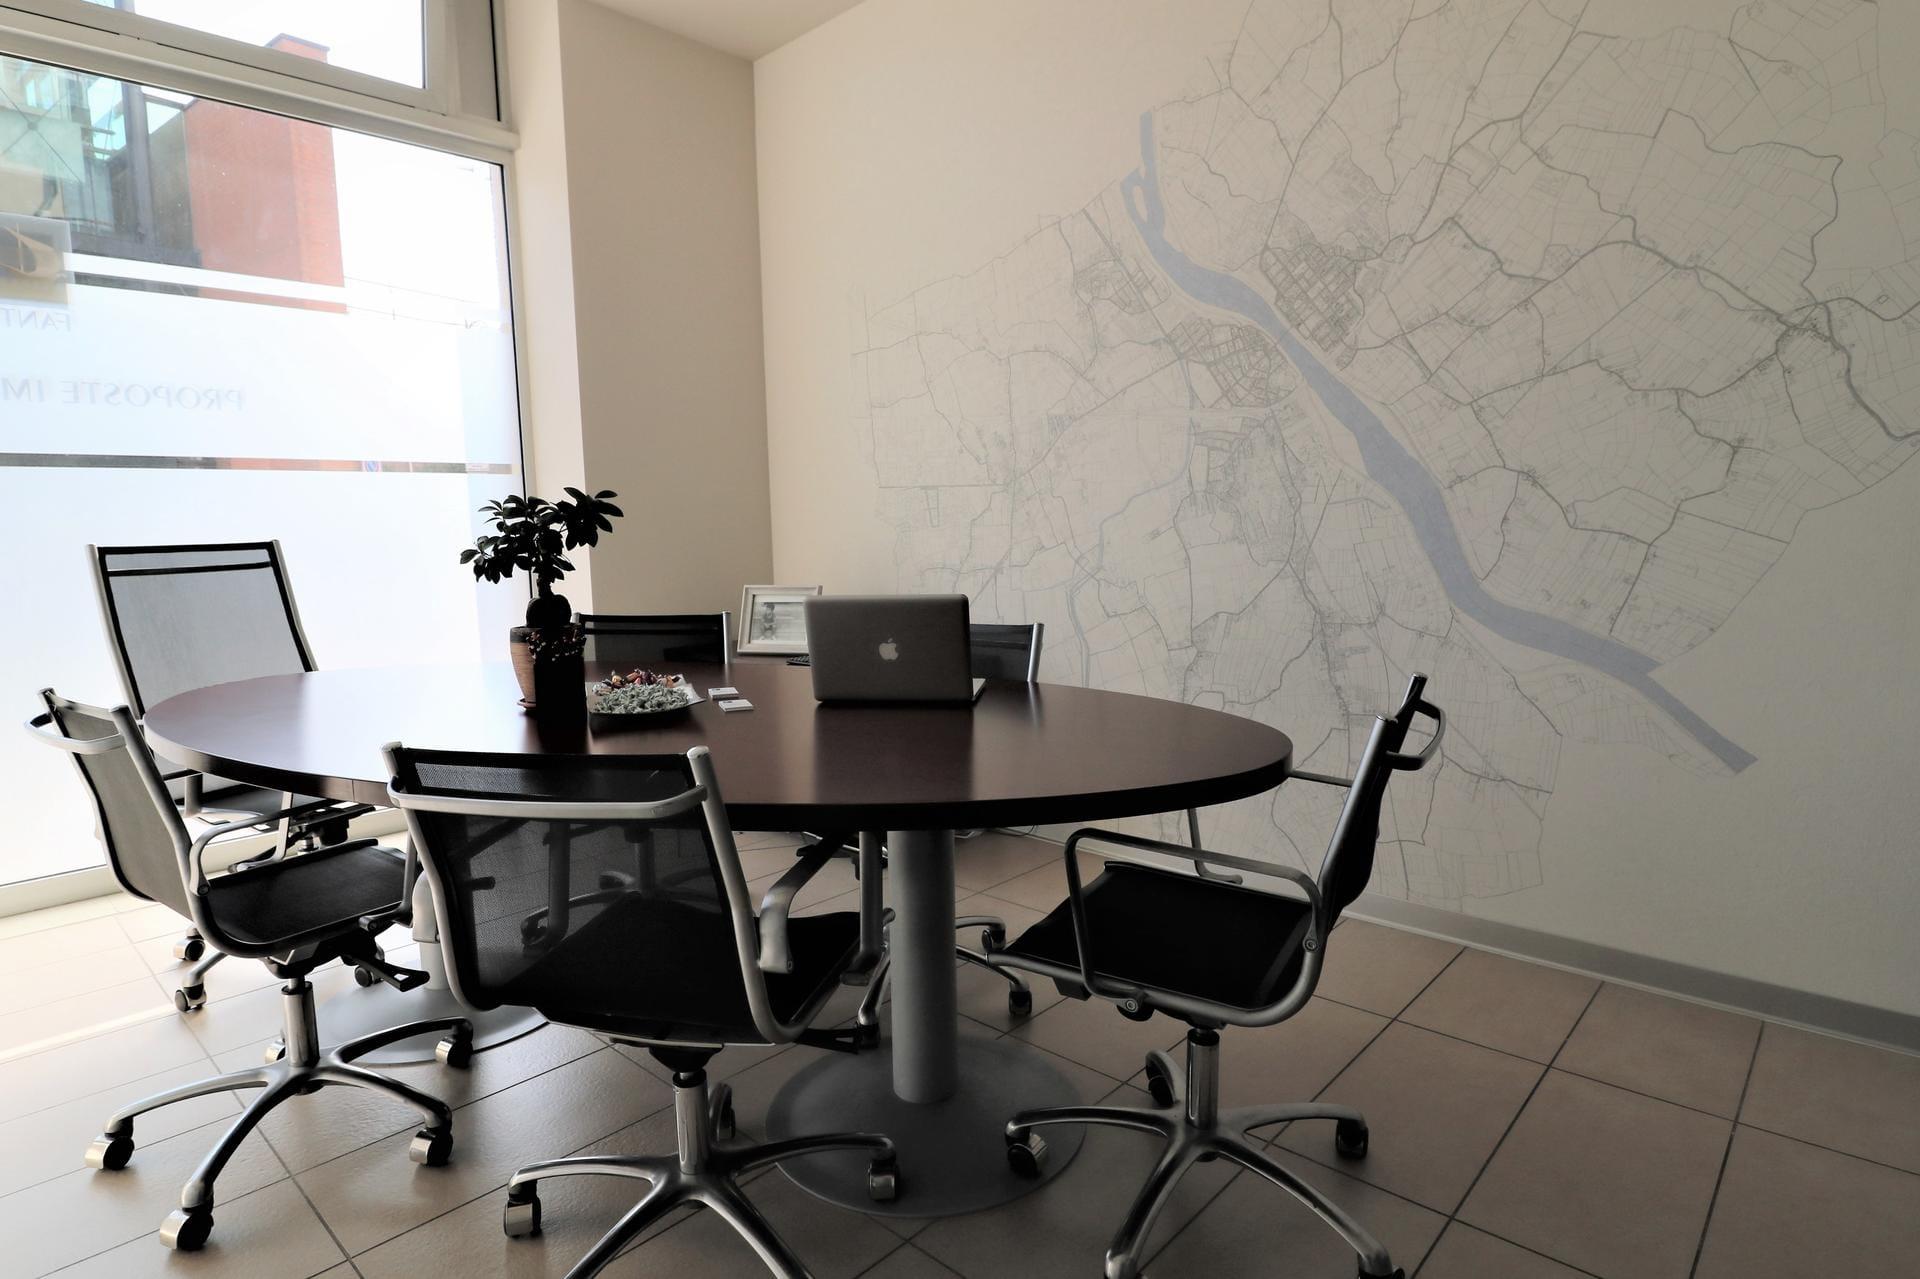 Fante proposte immobiliari - Legnago - Proposte di affitto e vendita